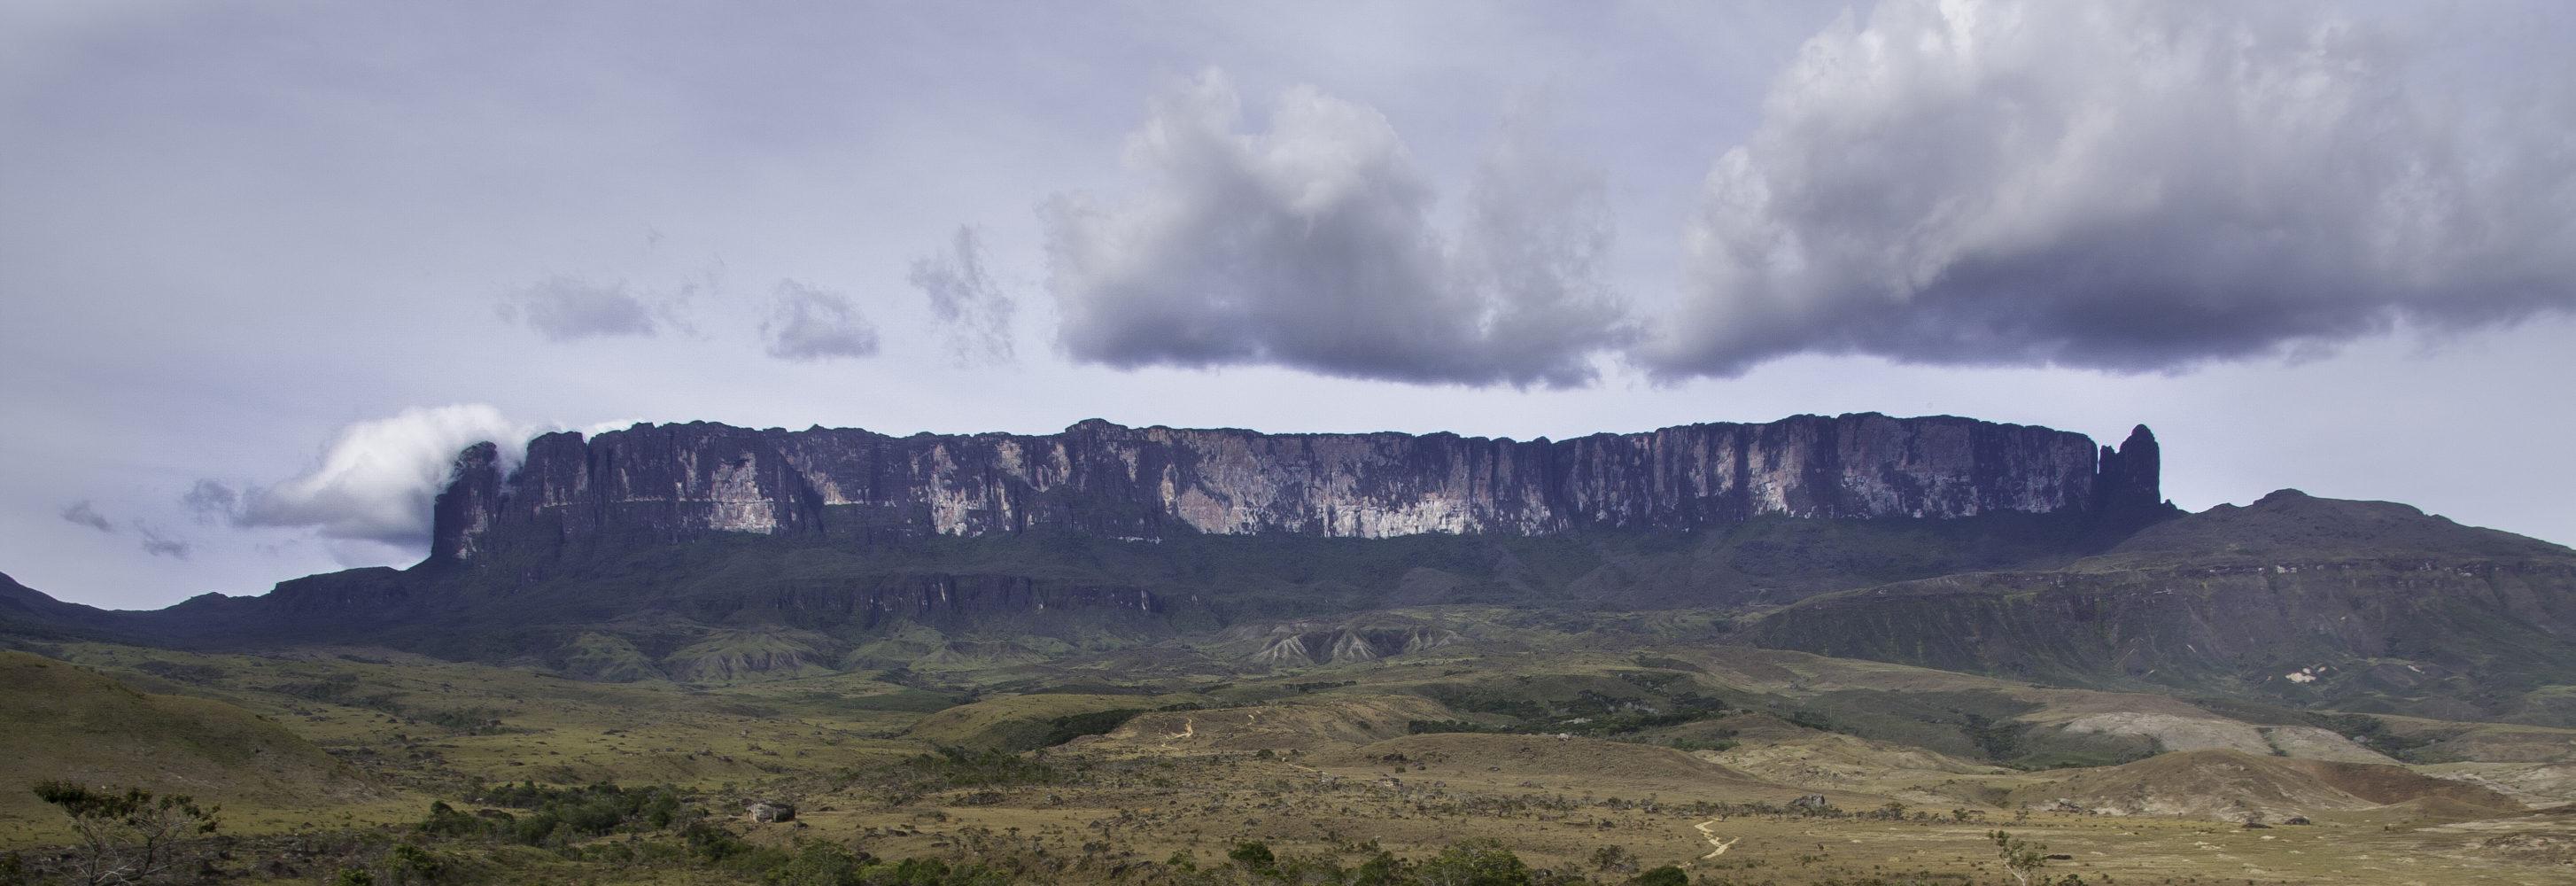 mount-roraima-venezuela